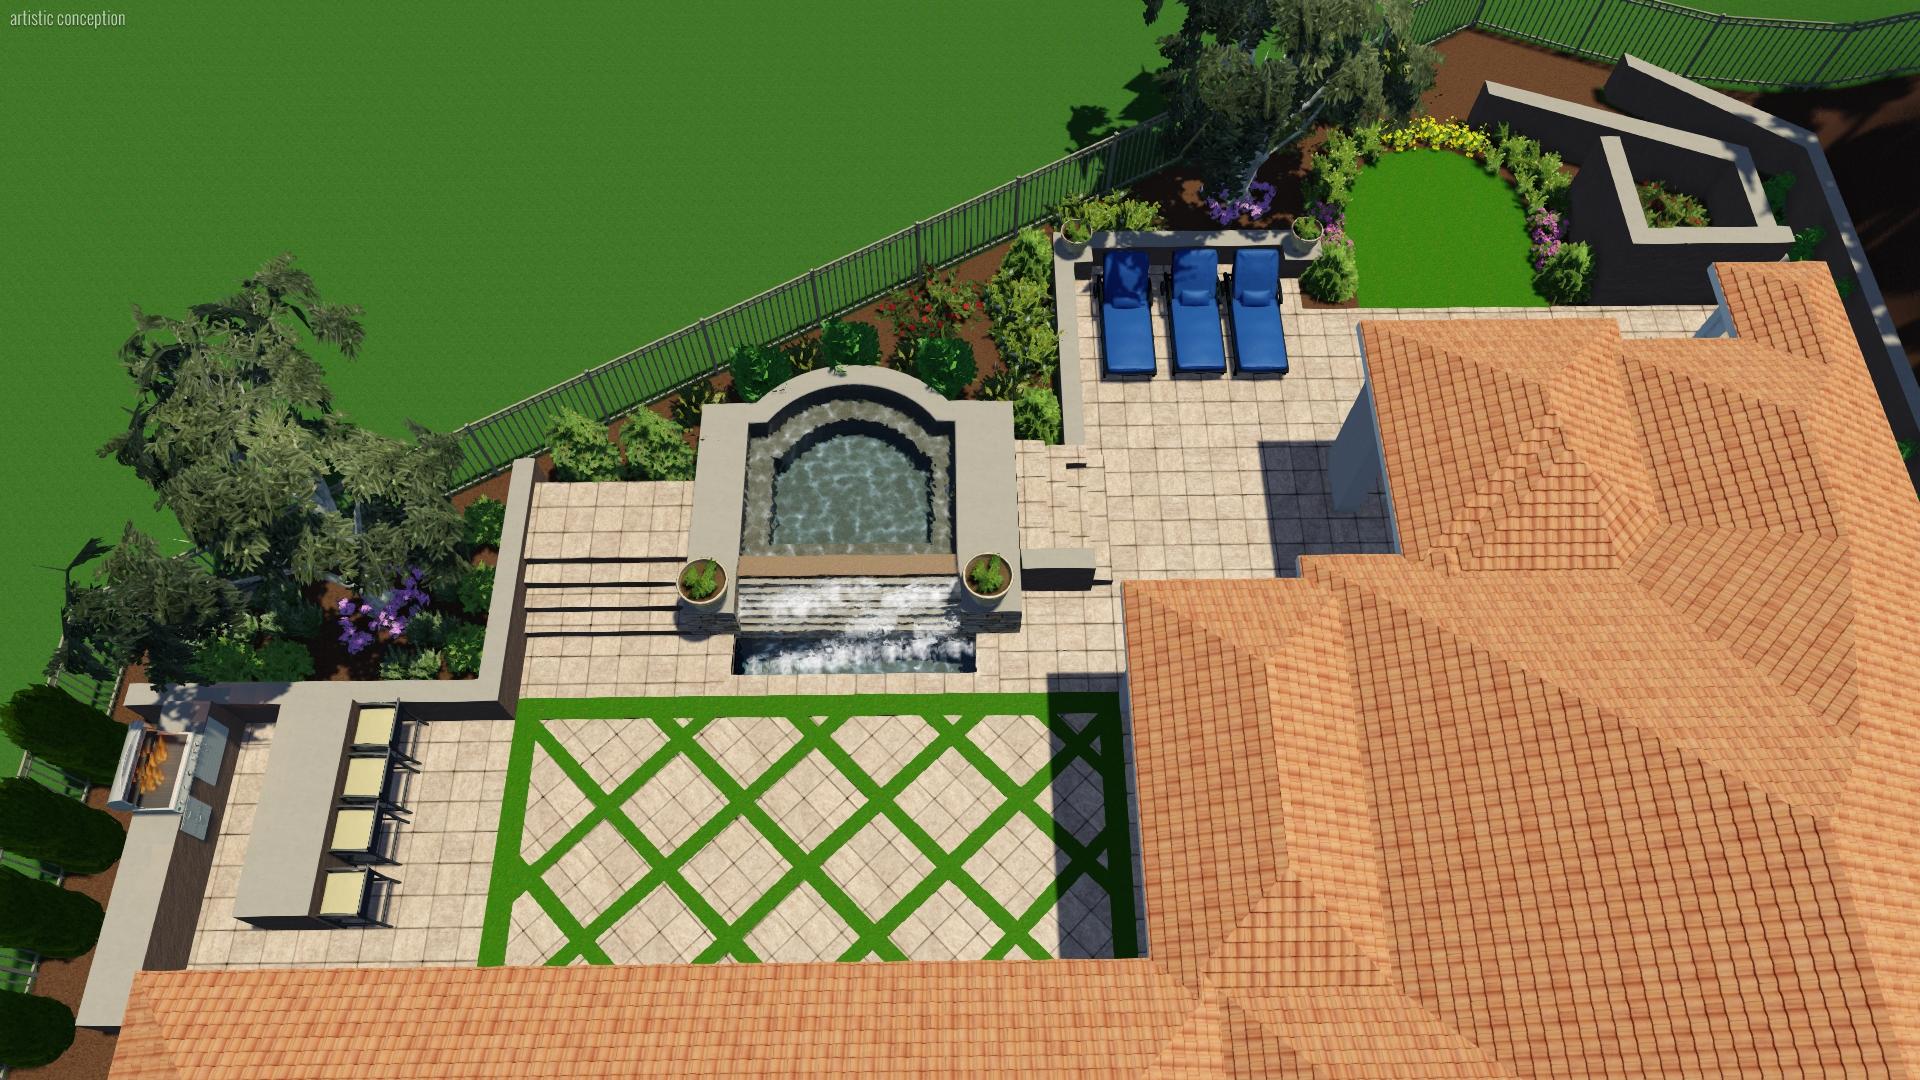 Residence 2 26 18_013.jpg